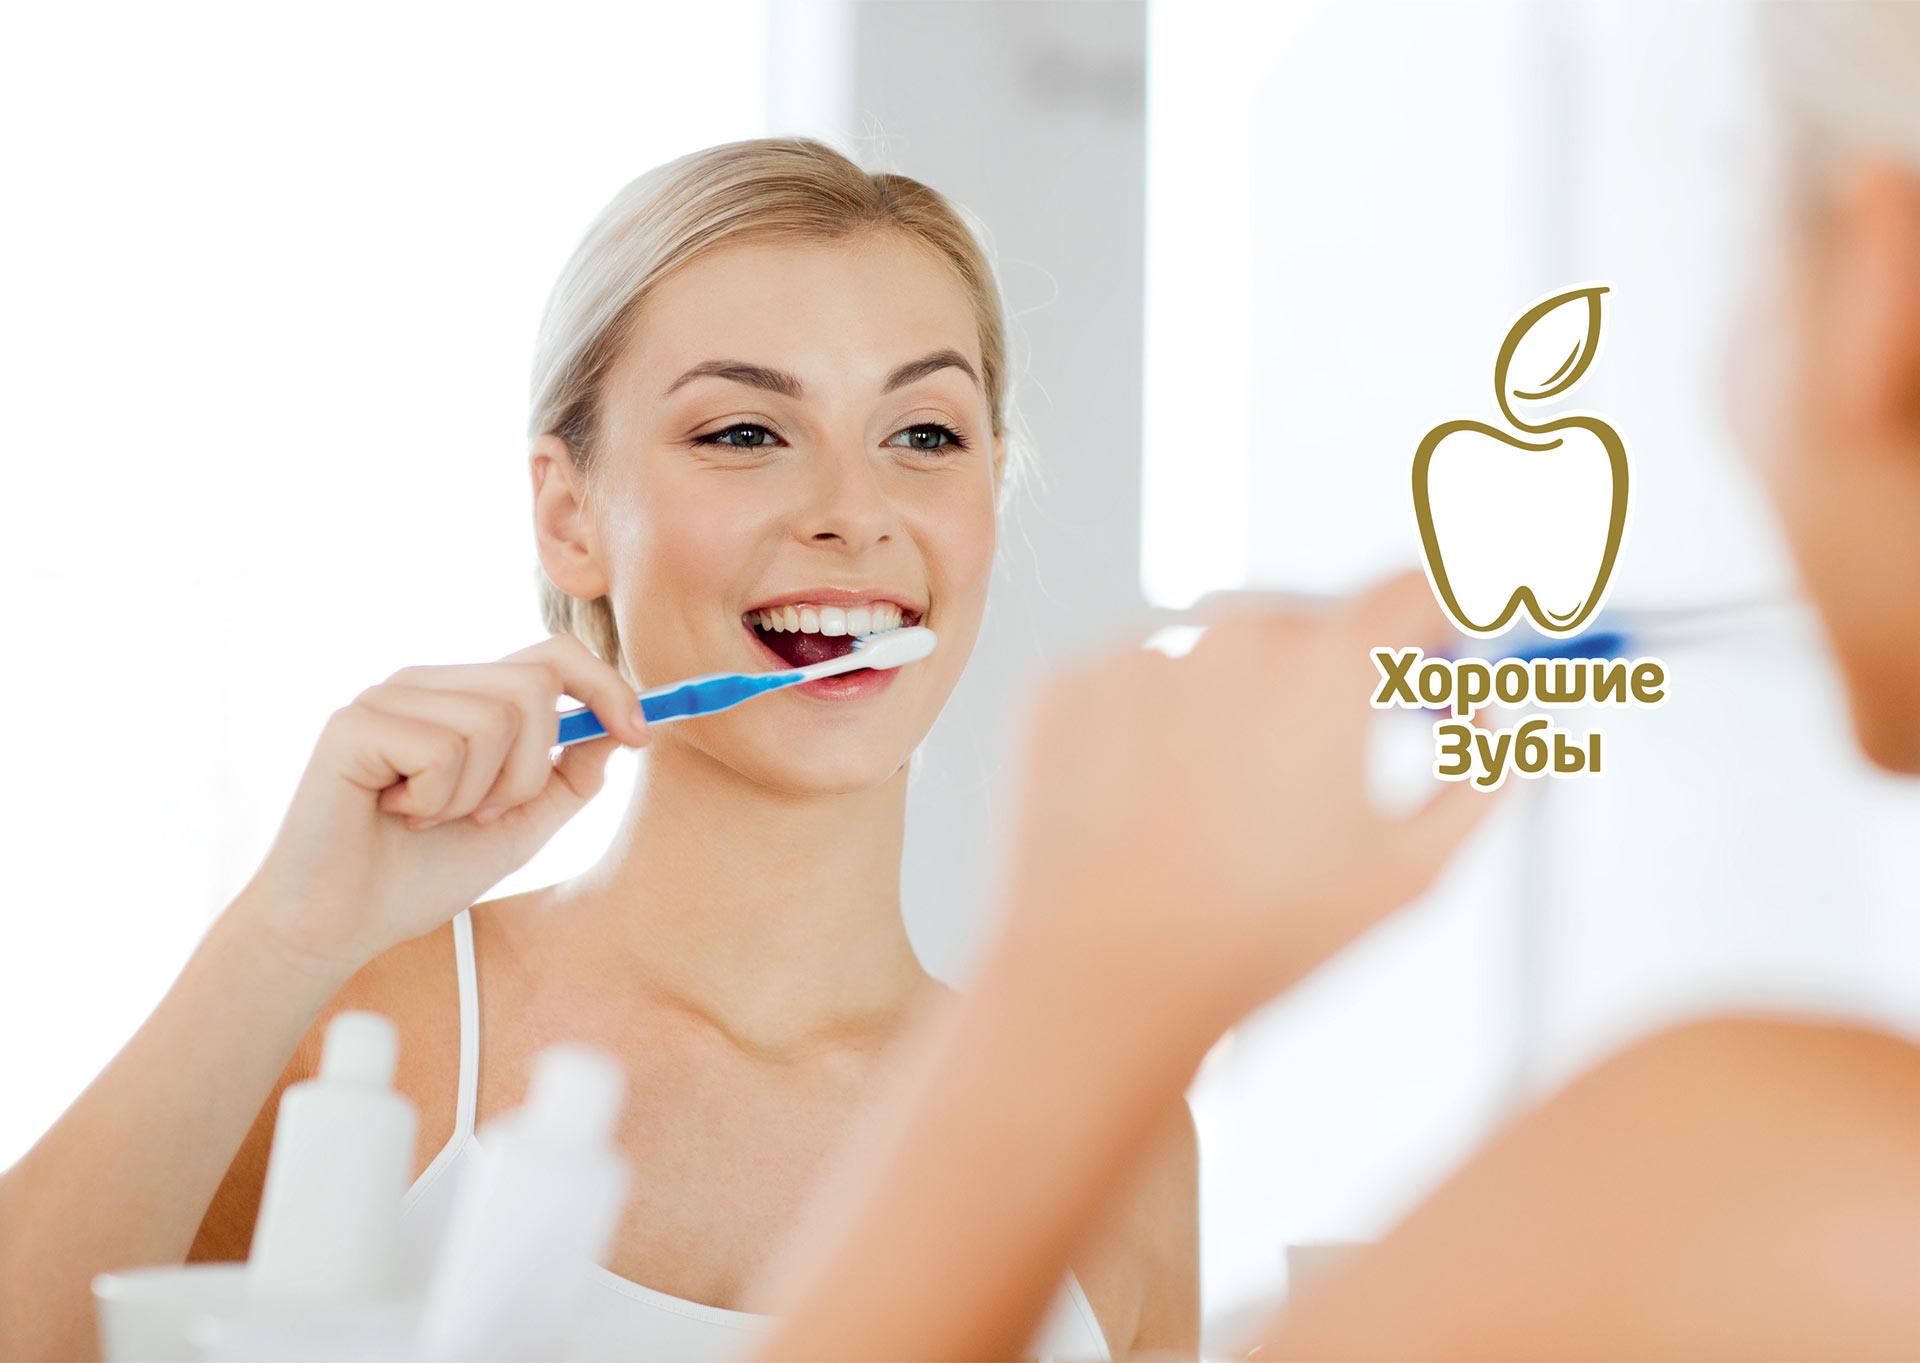 Хорошие Зубы логотип стоматологического центра